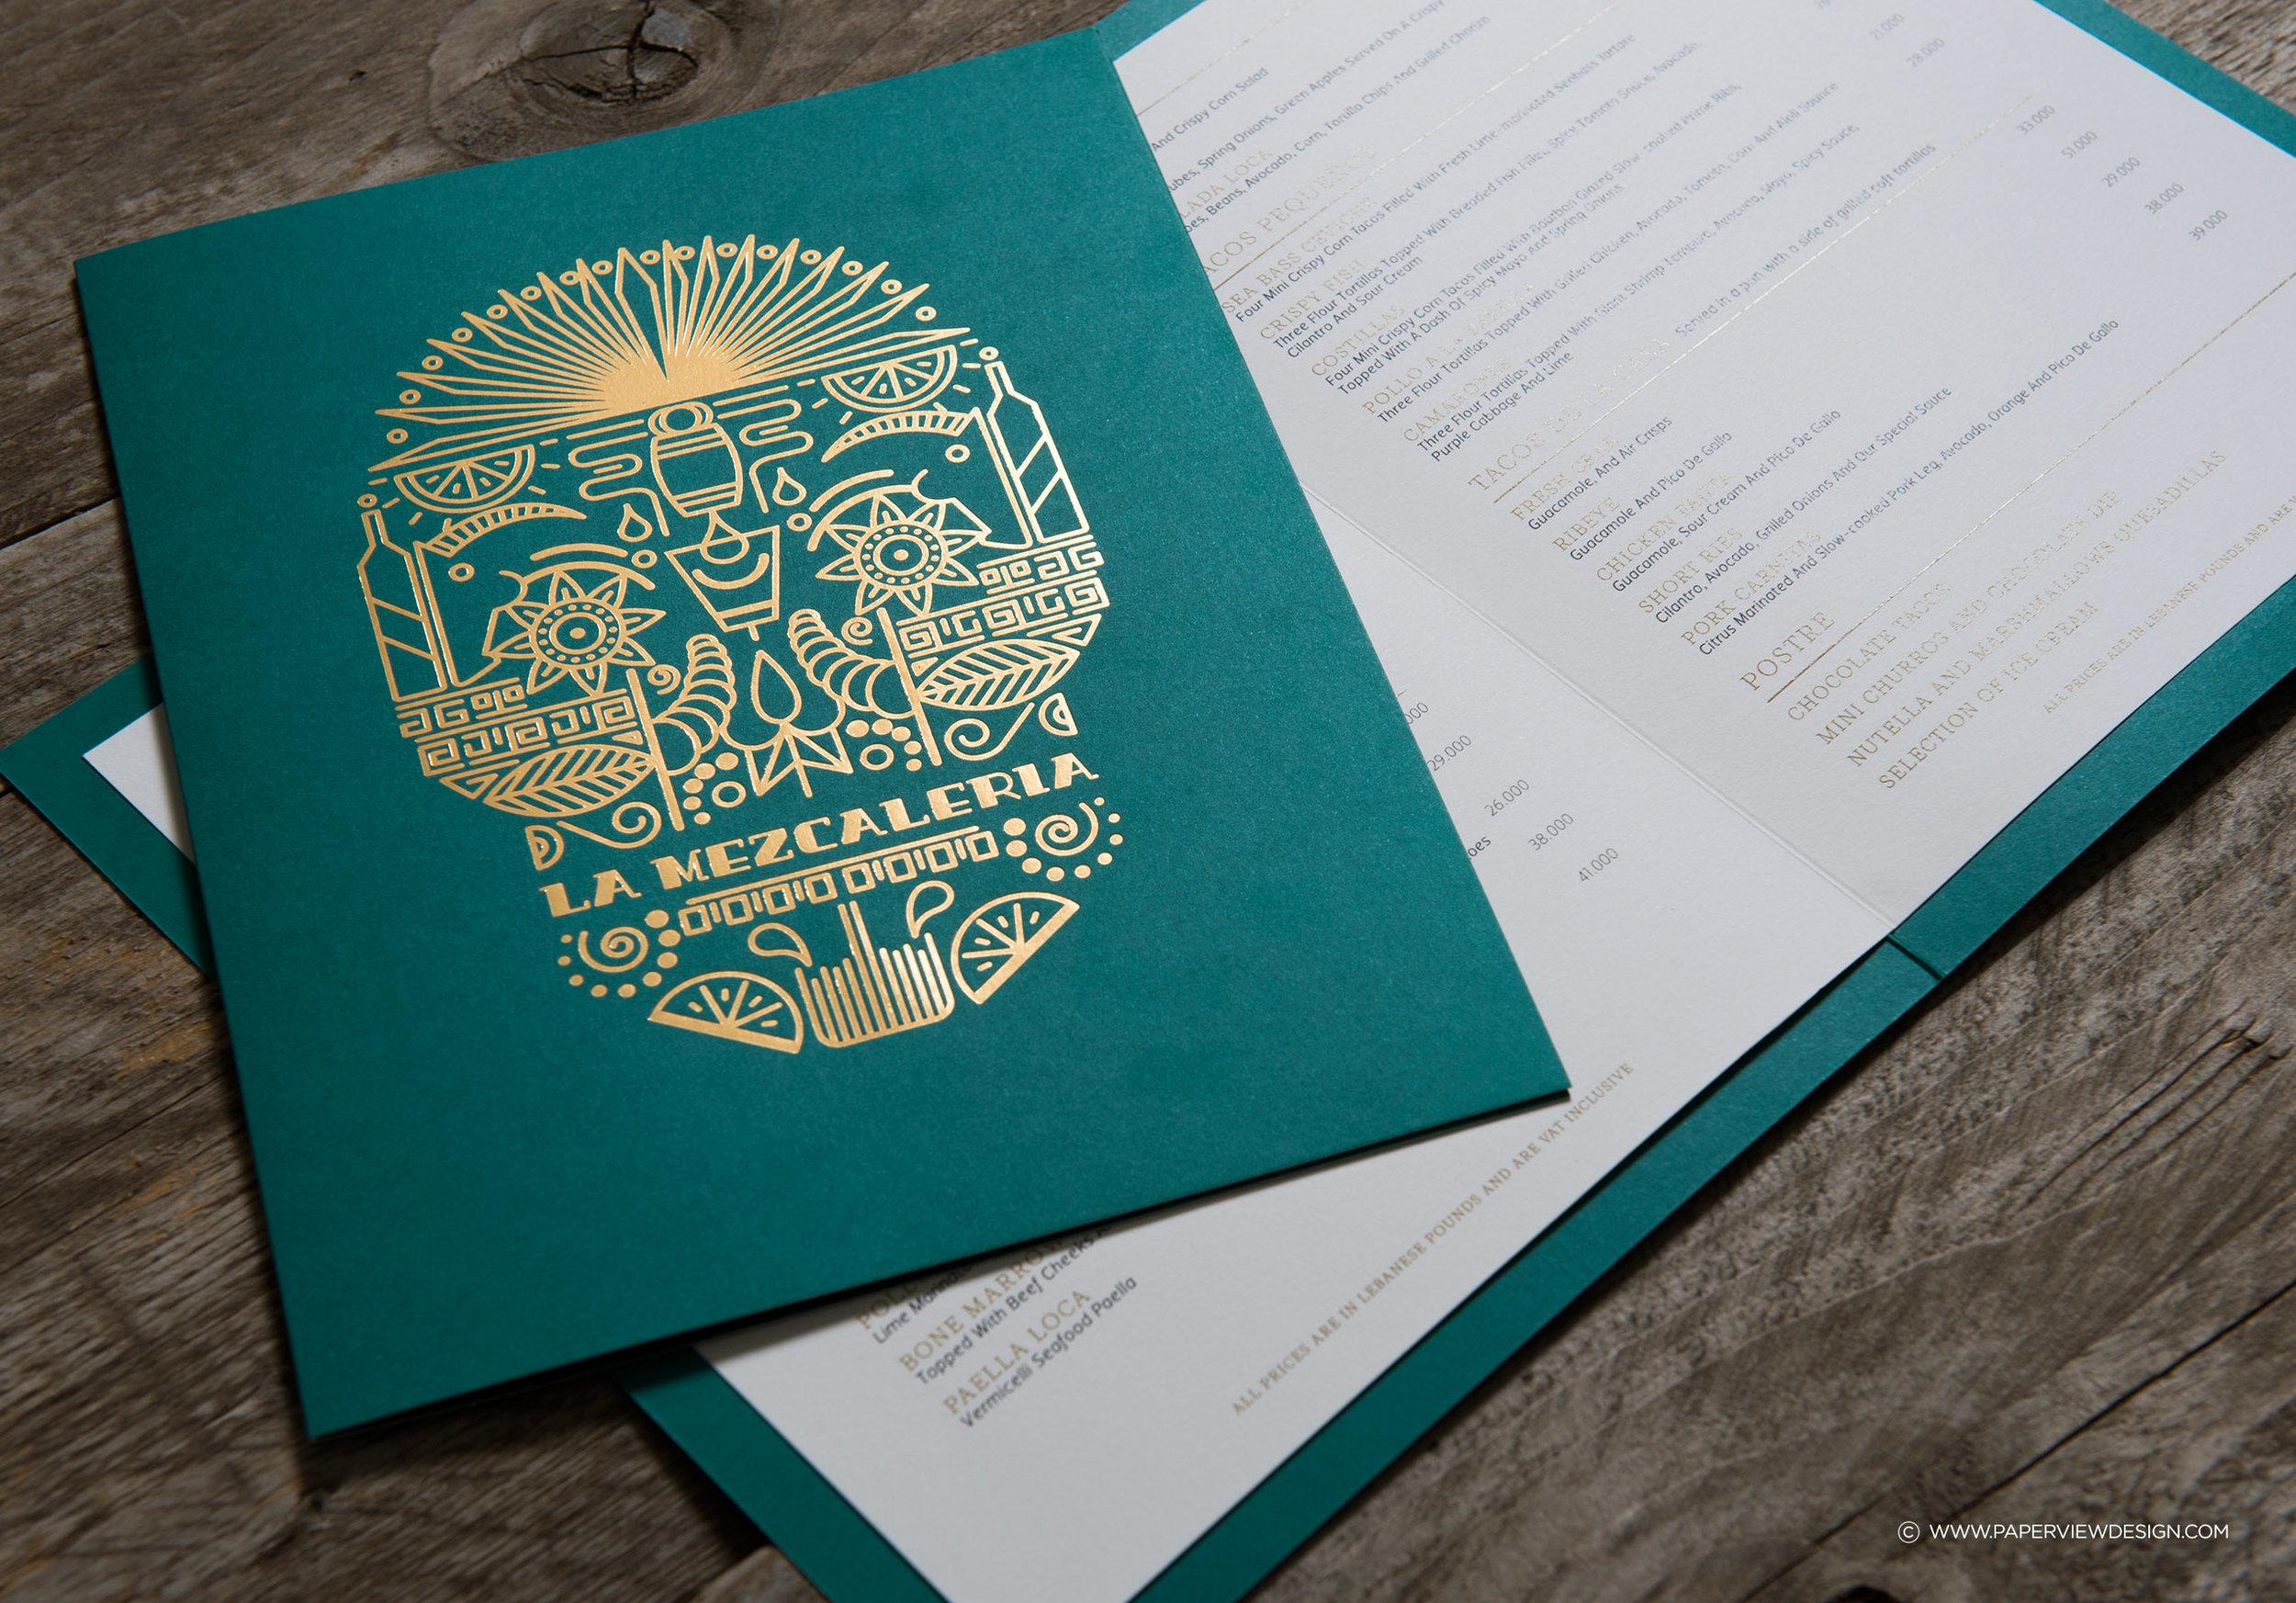 LaMezcaleria-Identity-Branding-Mexican-Bar-Restaurant-Skull-Illustration-Menu-Inside-Sheet-Food